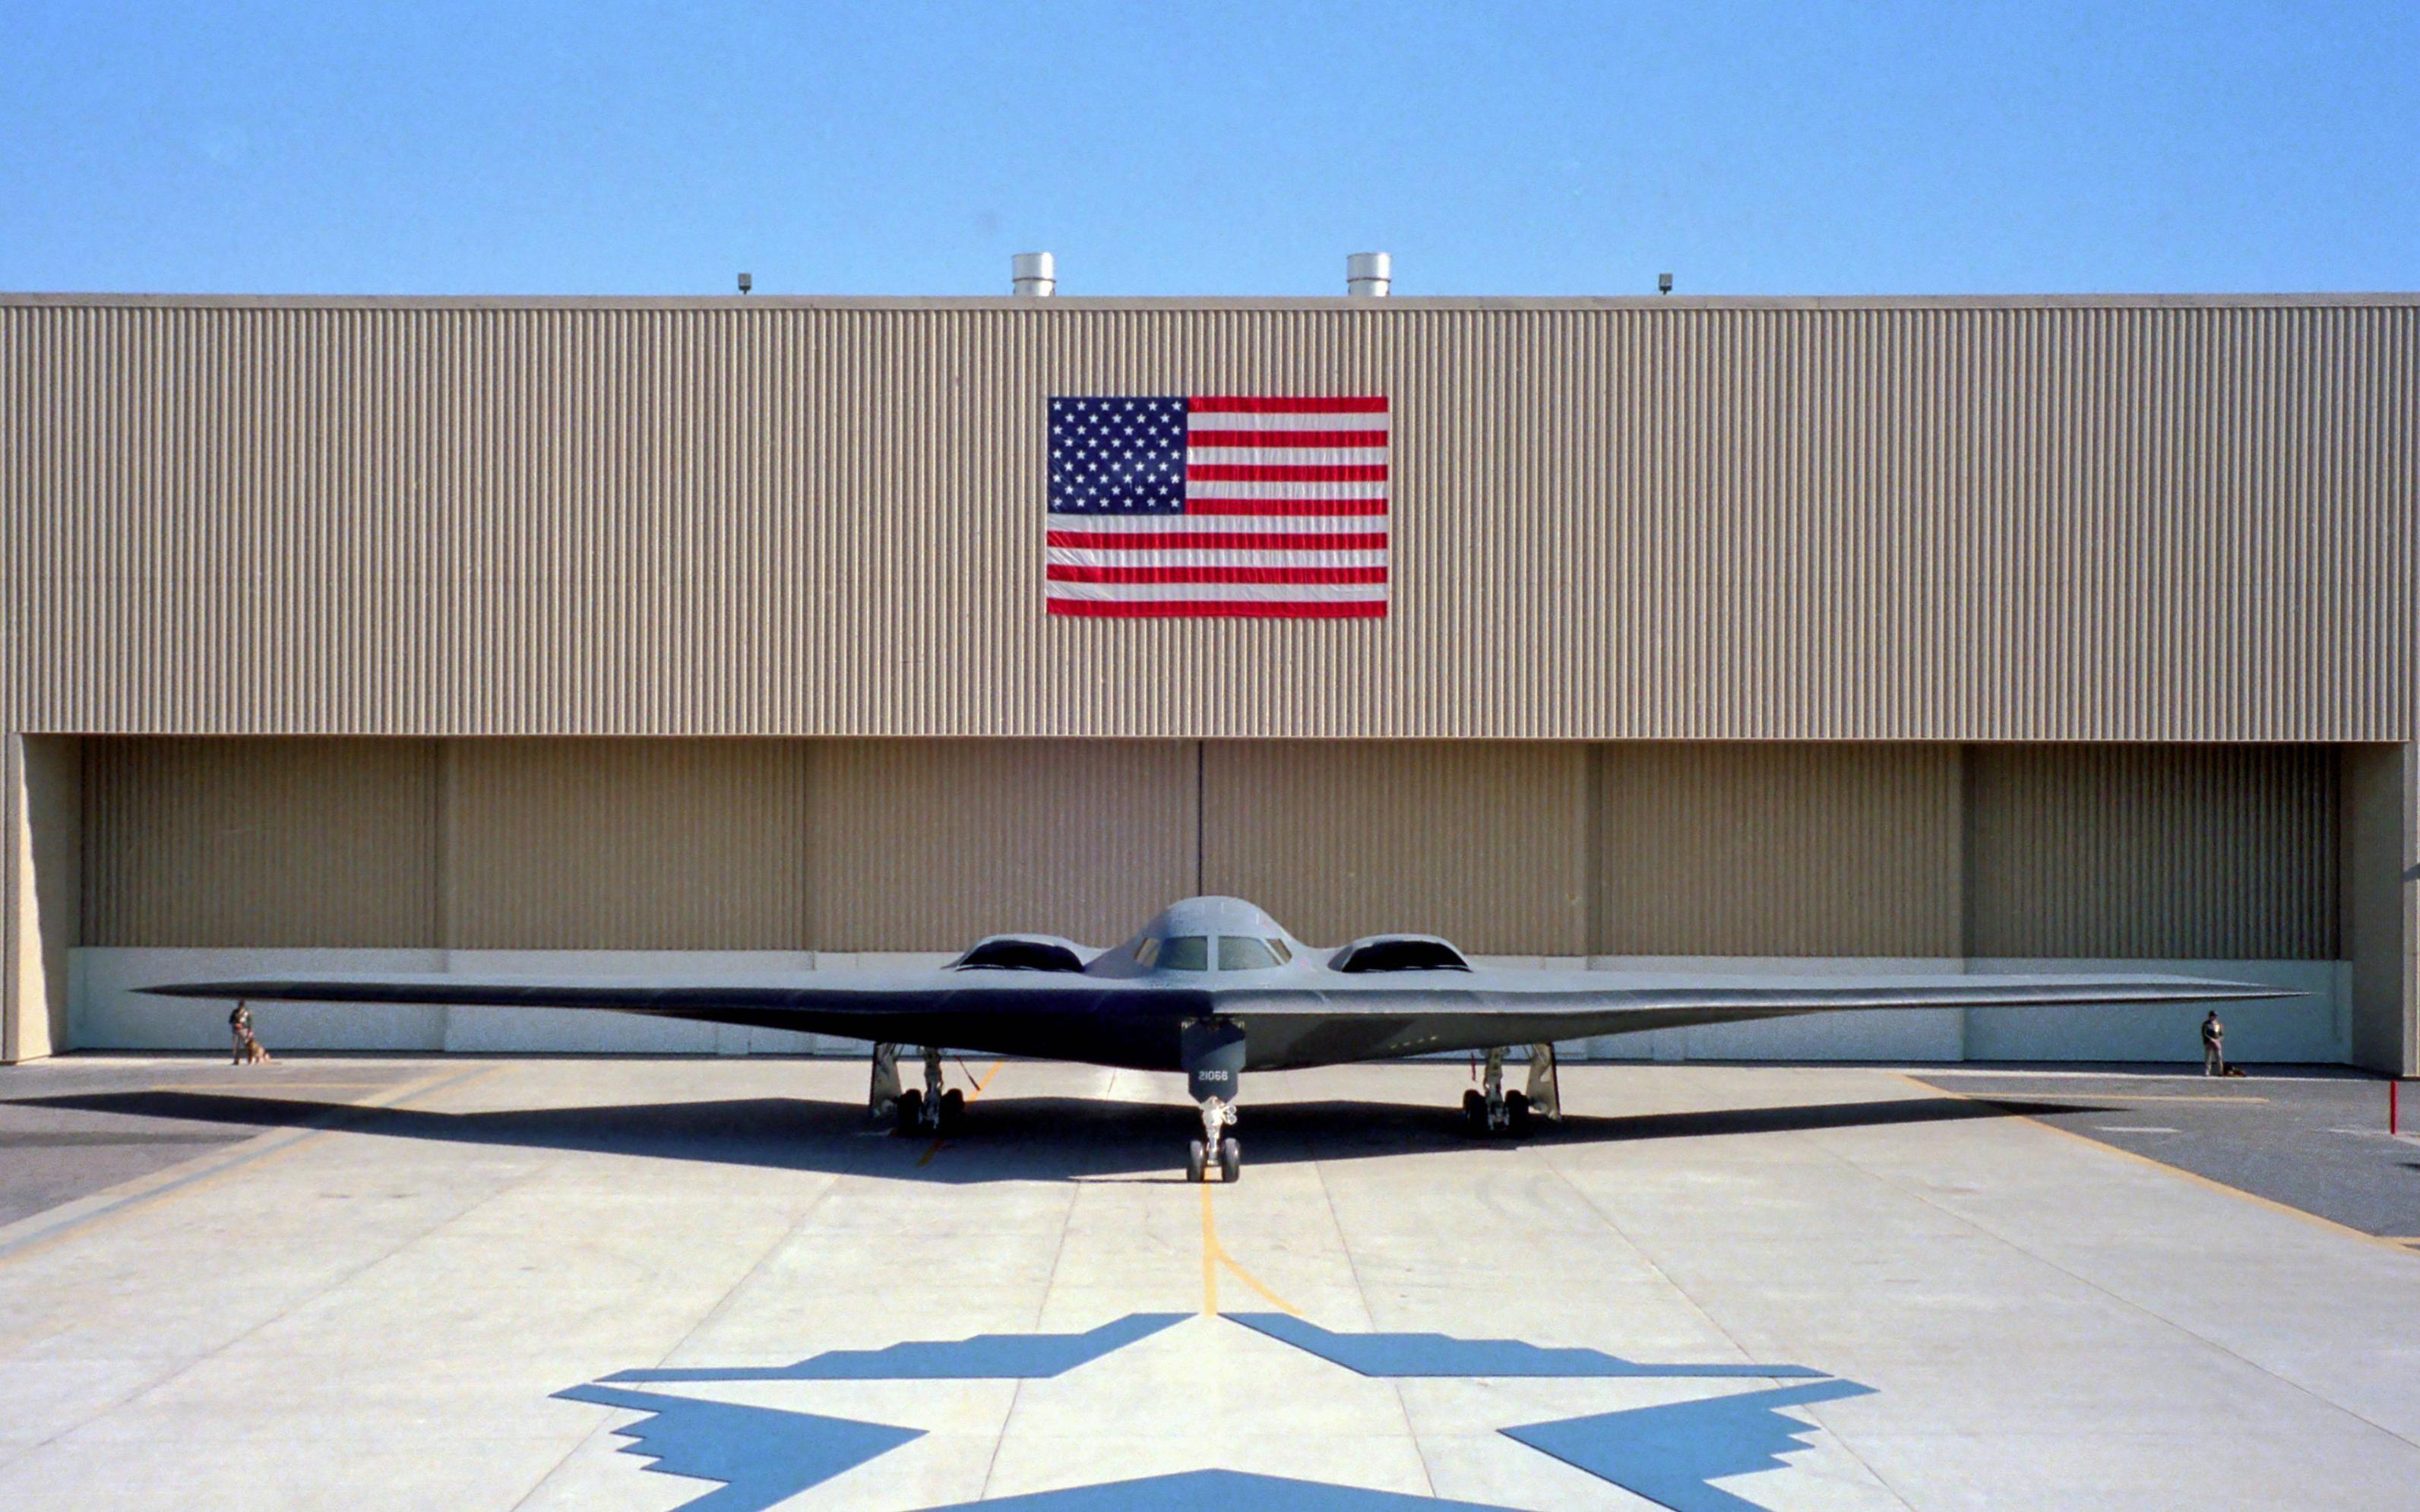 Avión fantasma de USA - 3185x1990